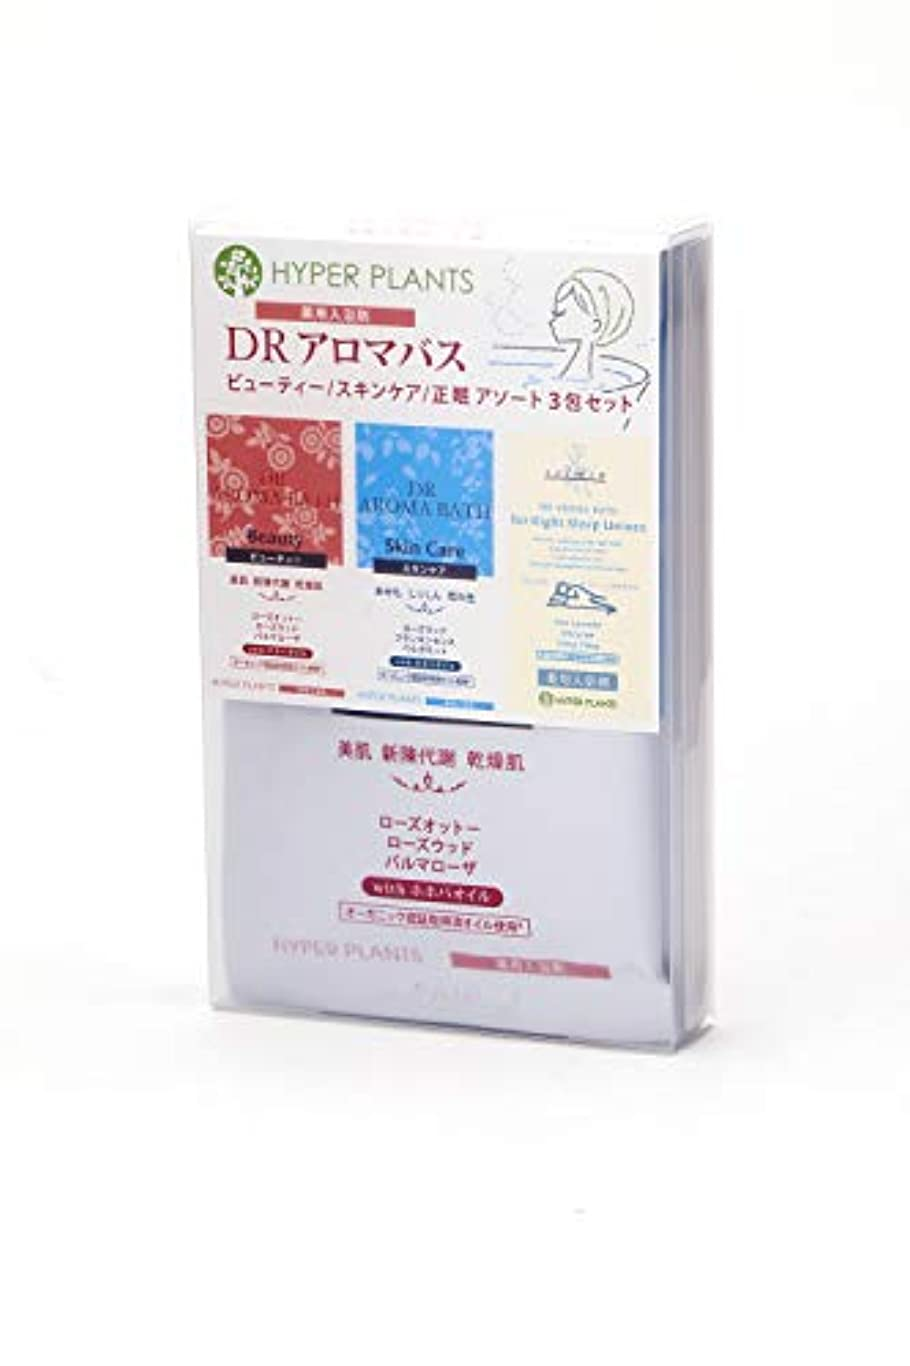 前投薬保持するケイ素医薬部外品 薬用入浴剤 ハイパープランツ DRアロマバス (ビューティー、スキンケア、正眠) アソート3包セット